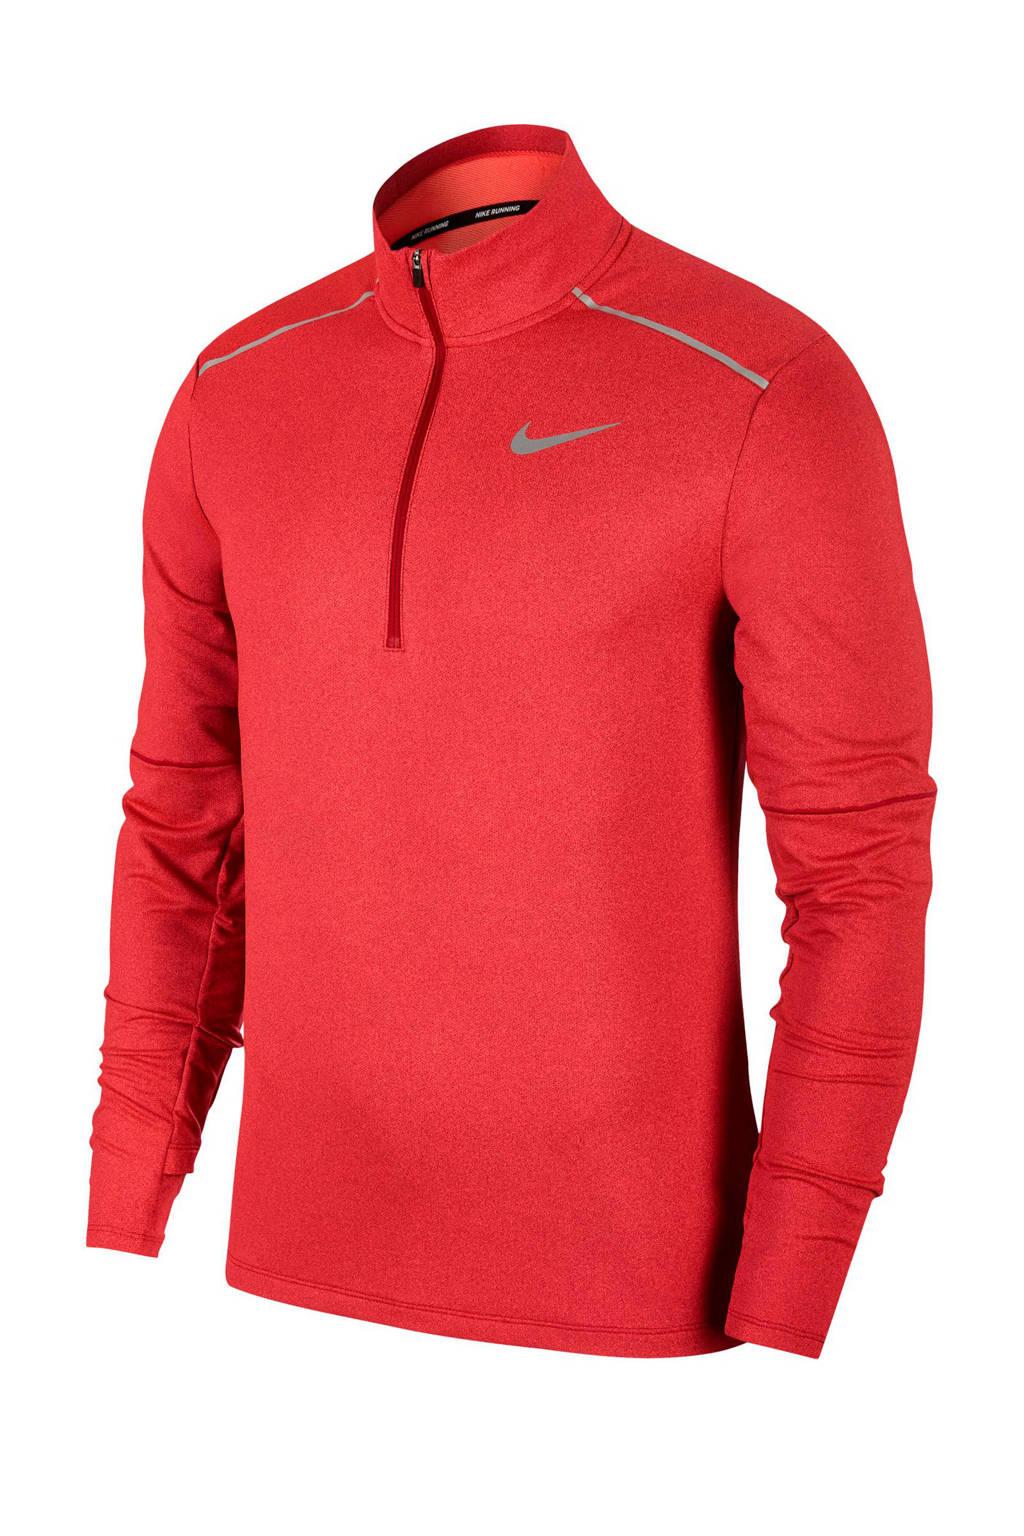 Nike   hardloopshirt rood, Rood